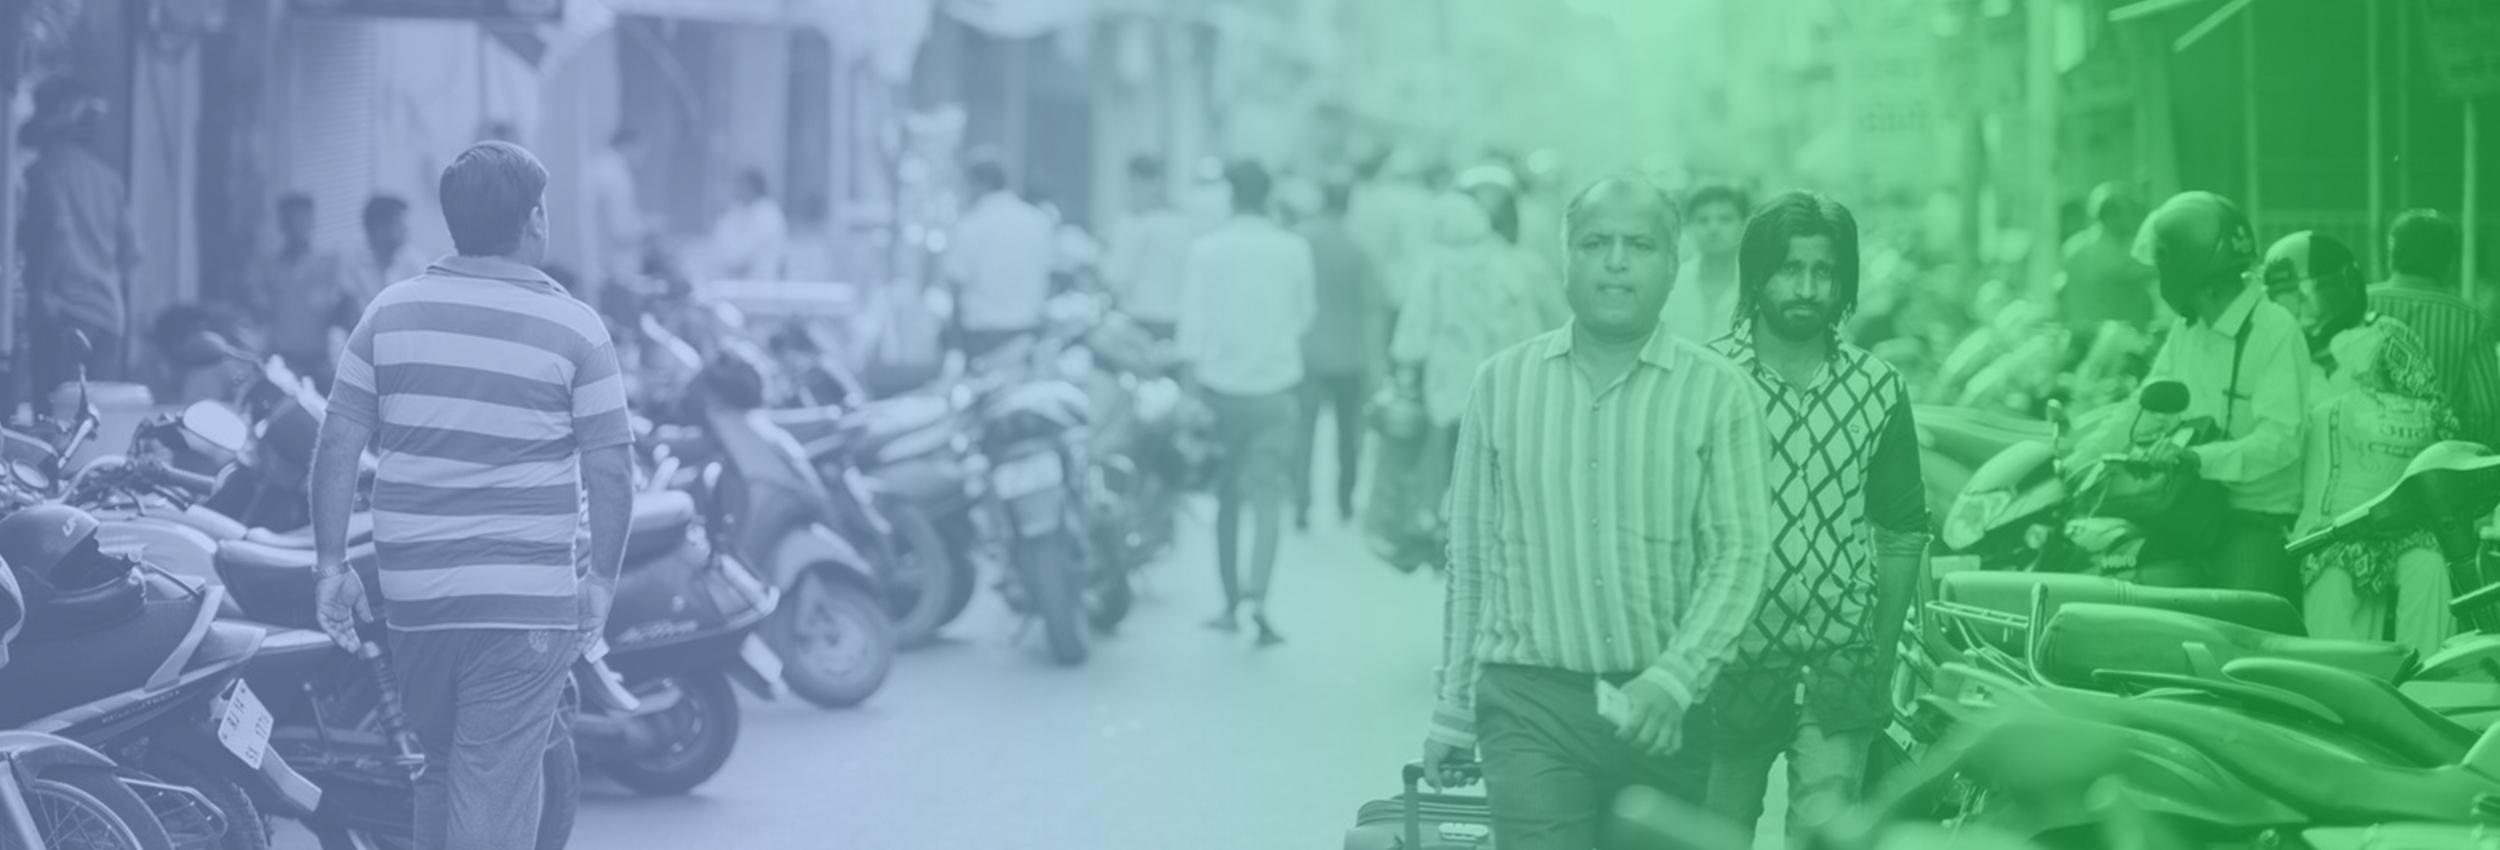 Оплачиваем проезд: как передвигаться по Индии? Оплачиваем проезд: как передвигаться по Индии? obshee